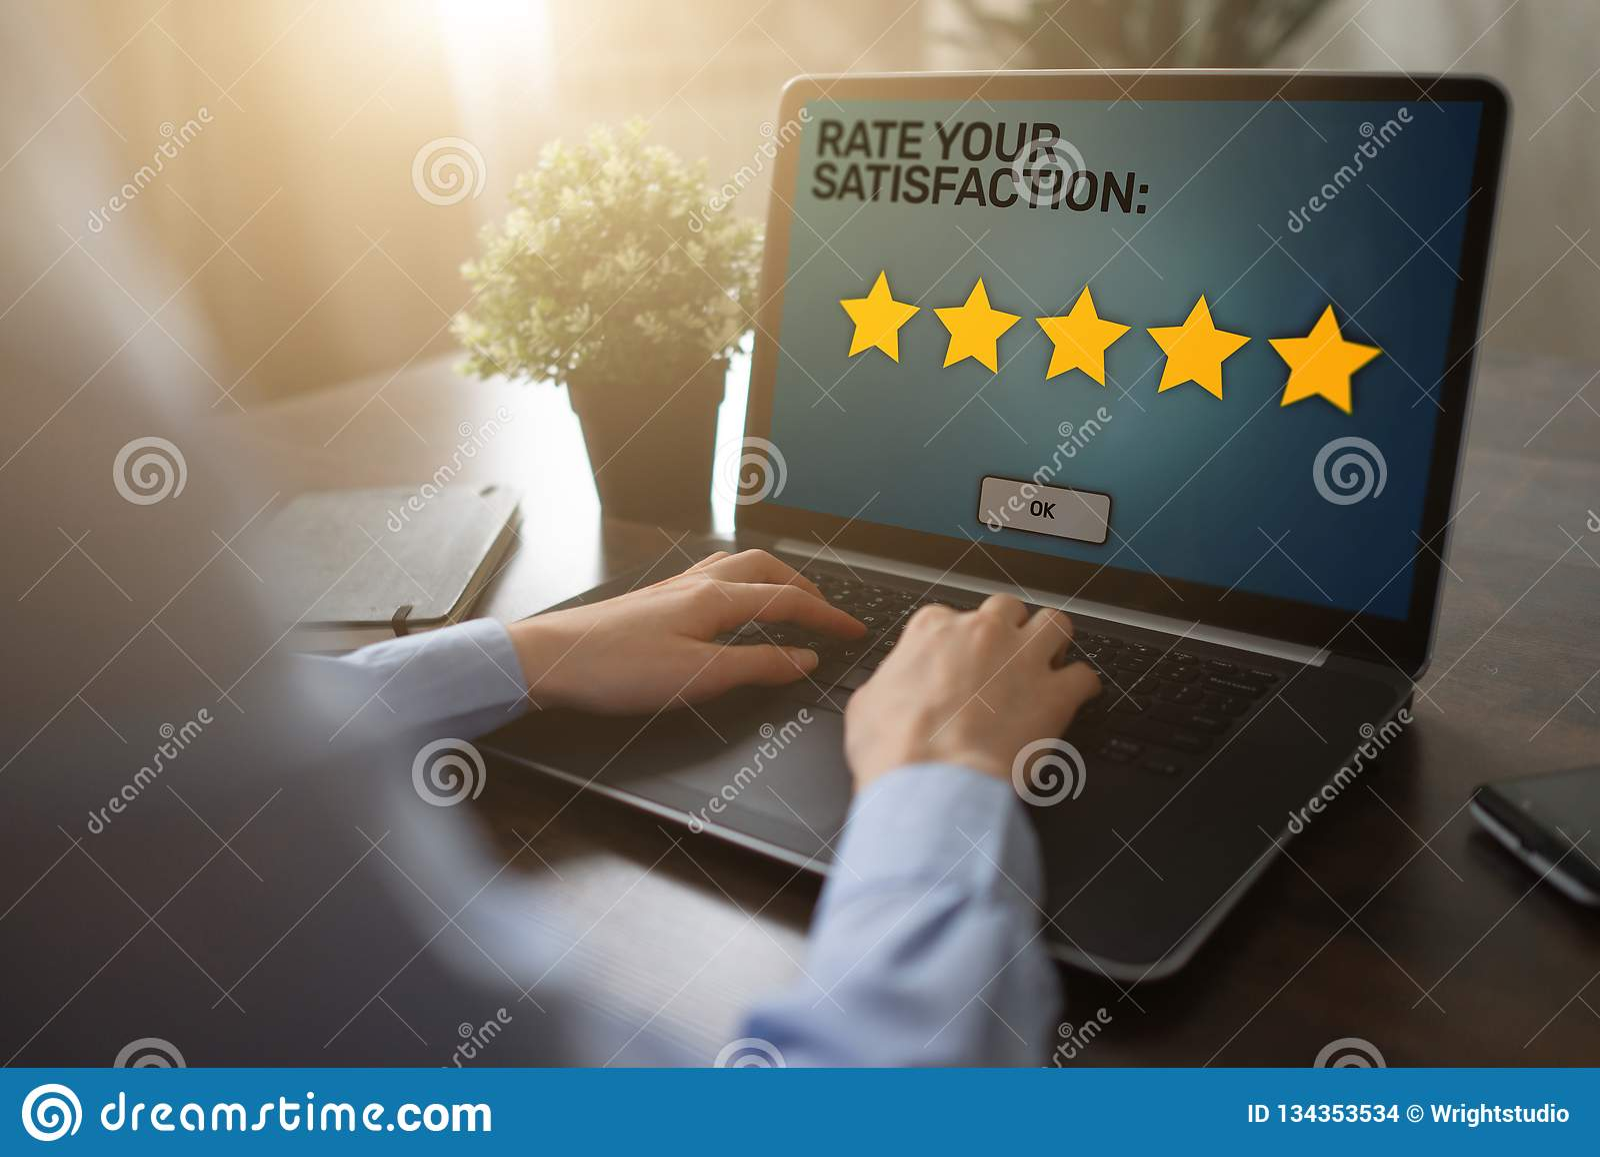 Oszacowywa twój doświadczenie Zadowolenie klienta przegląd Pięć gwiazda na przyrządu ekranie Usługi Biznesowej kontroli jakości p